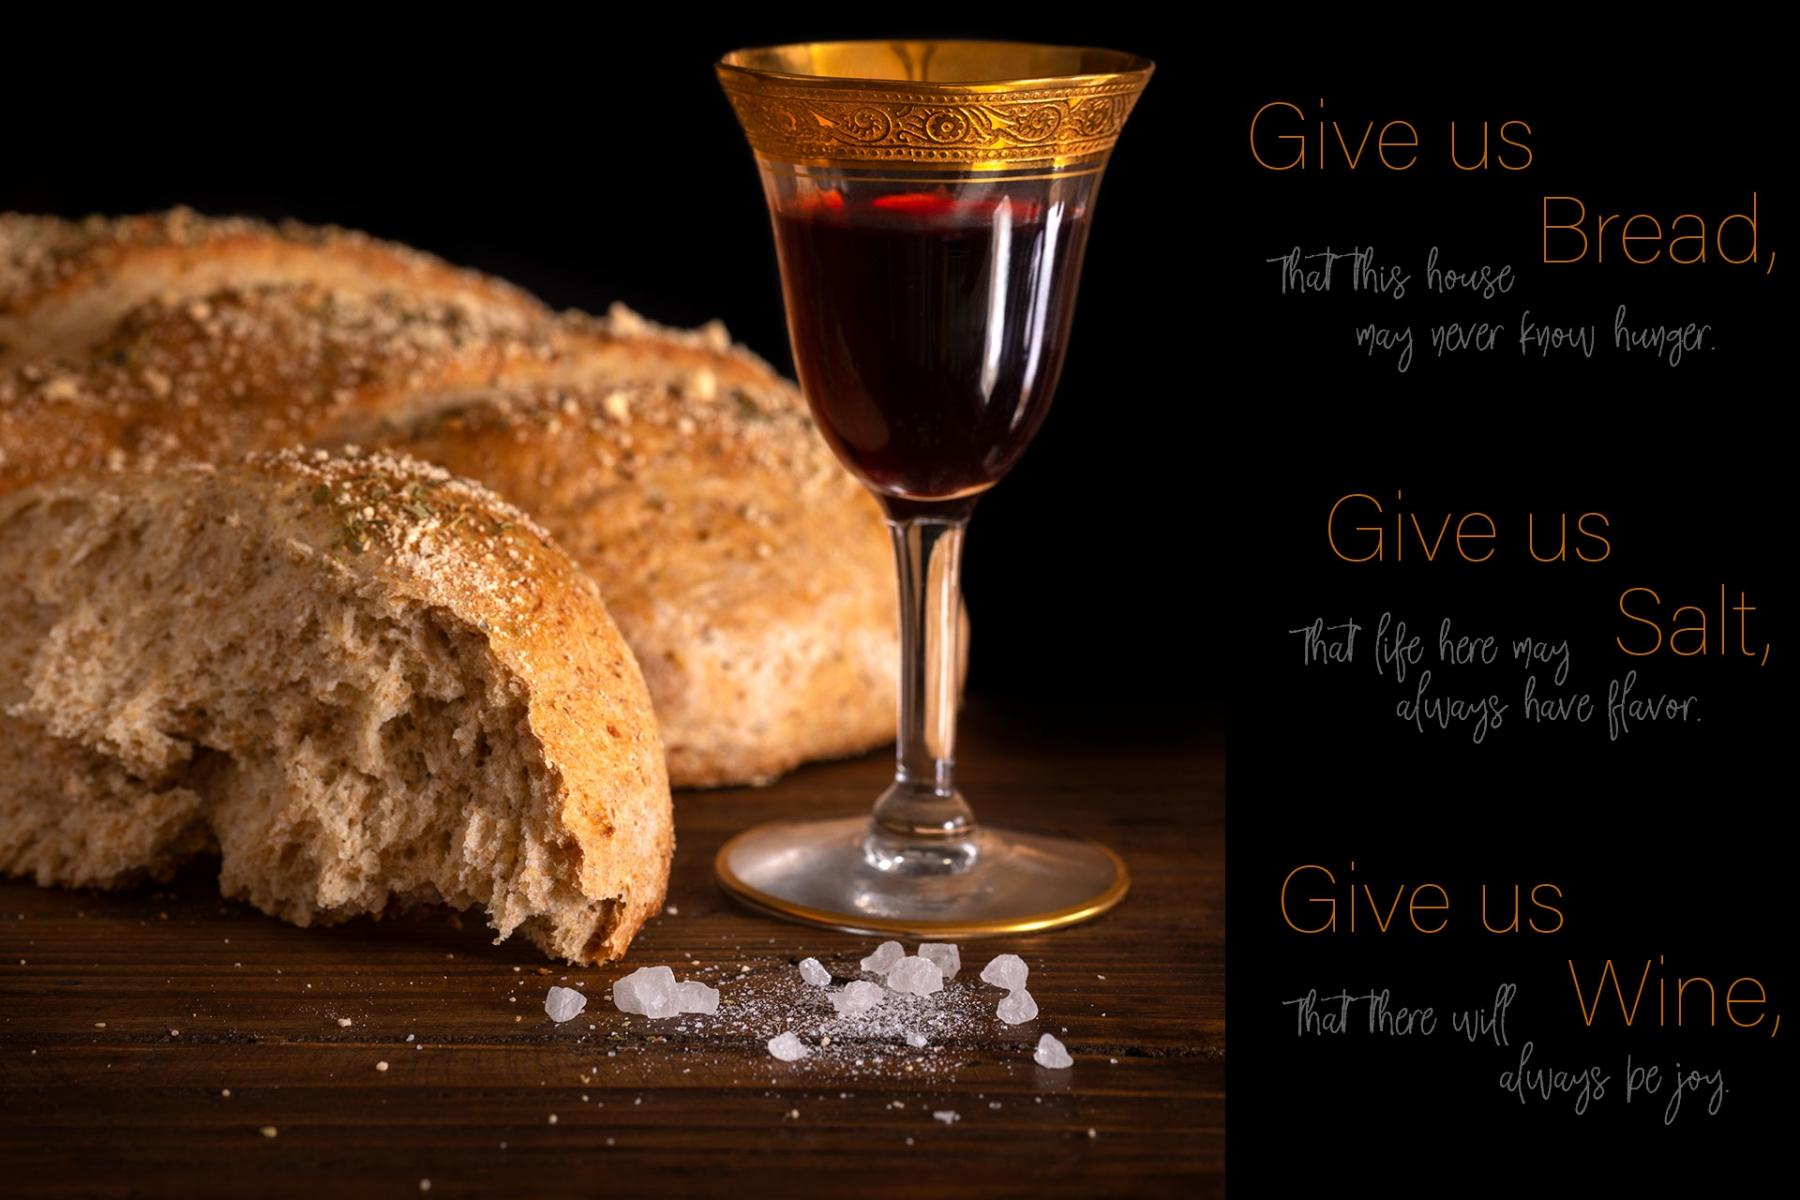 BreadSaltWine